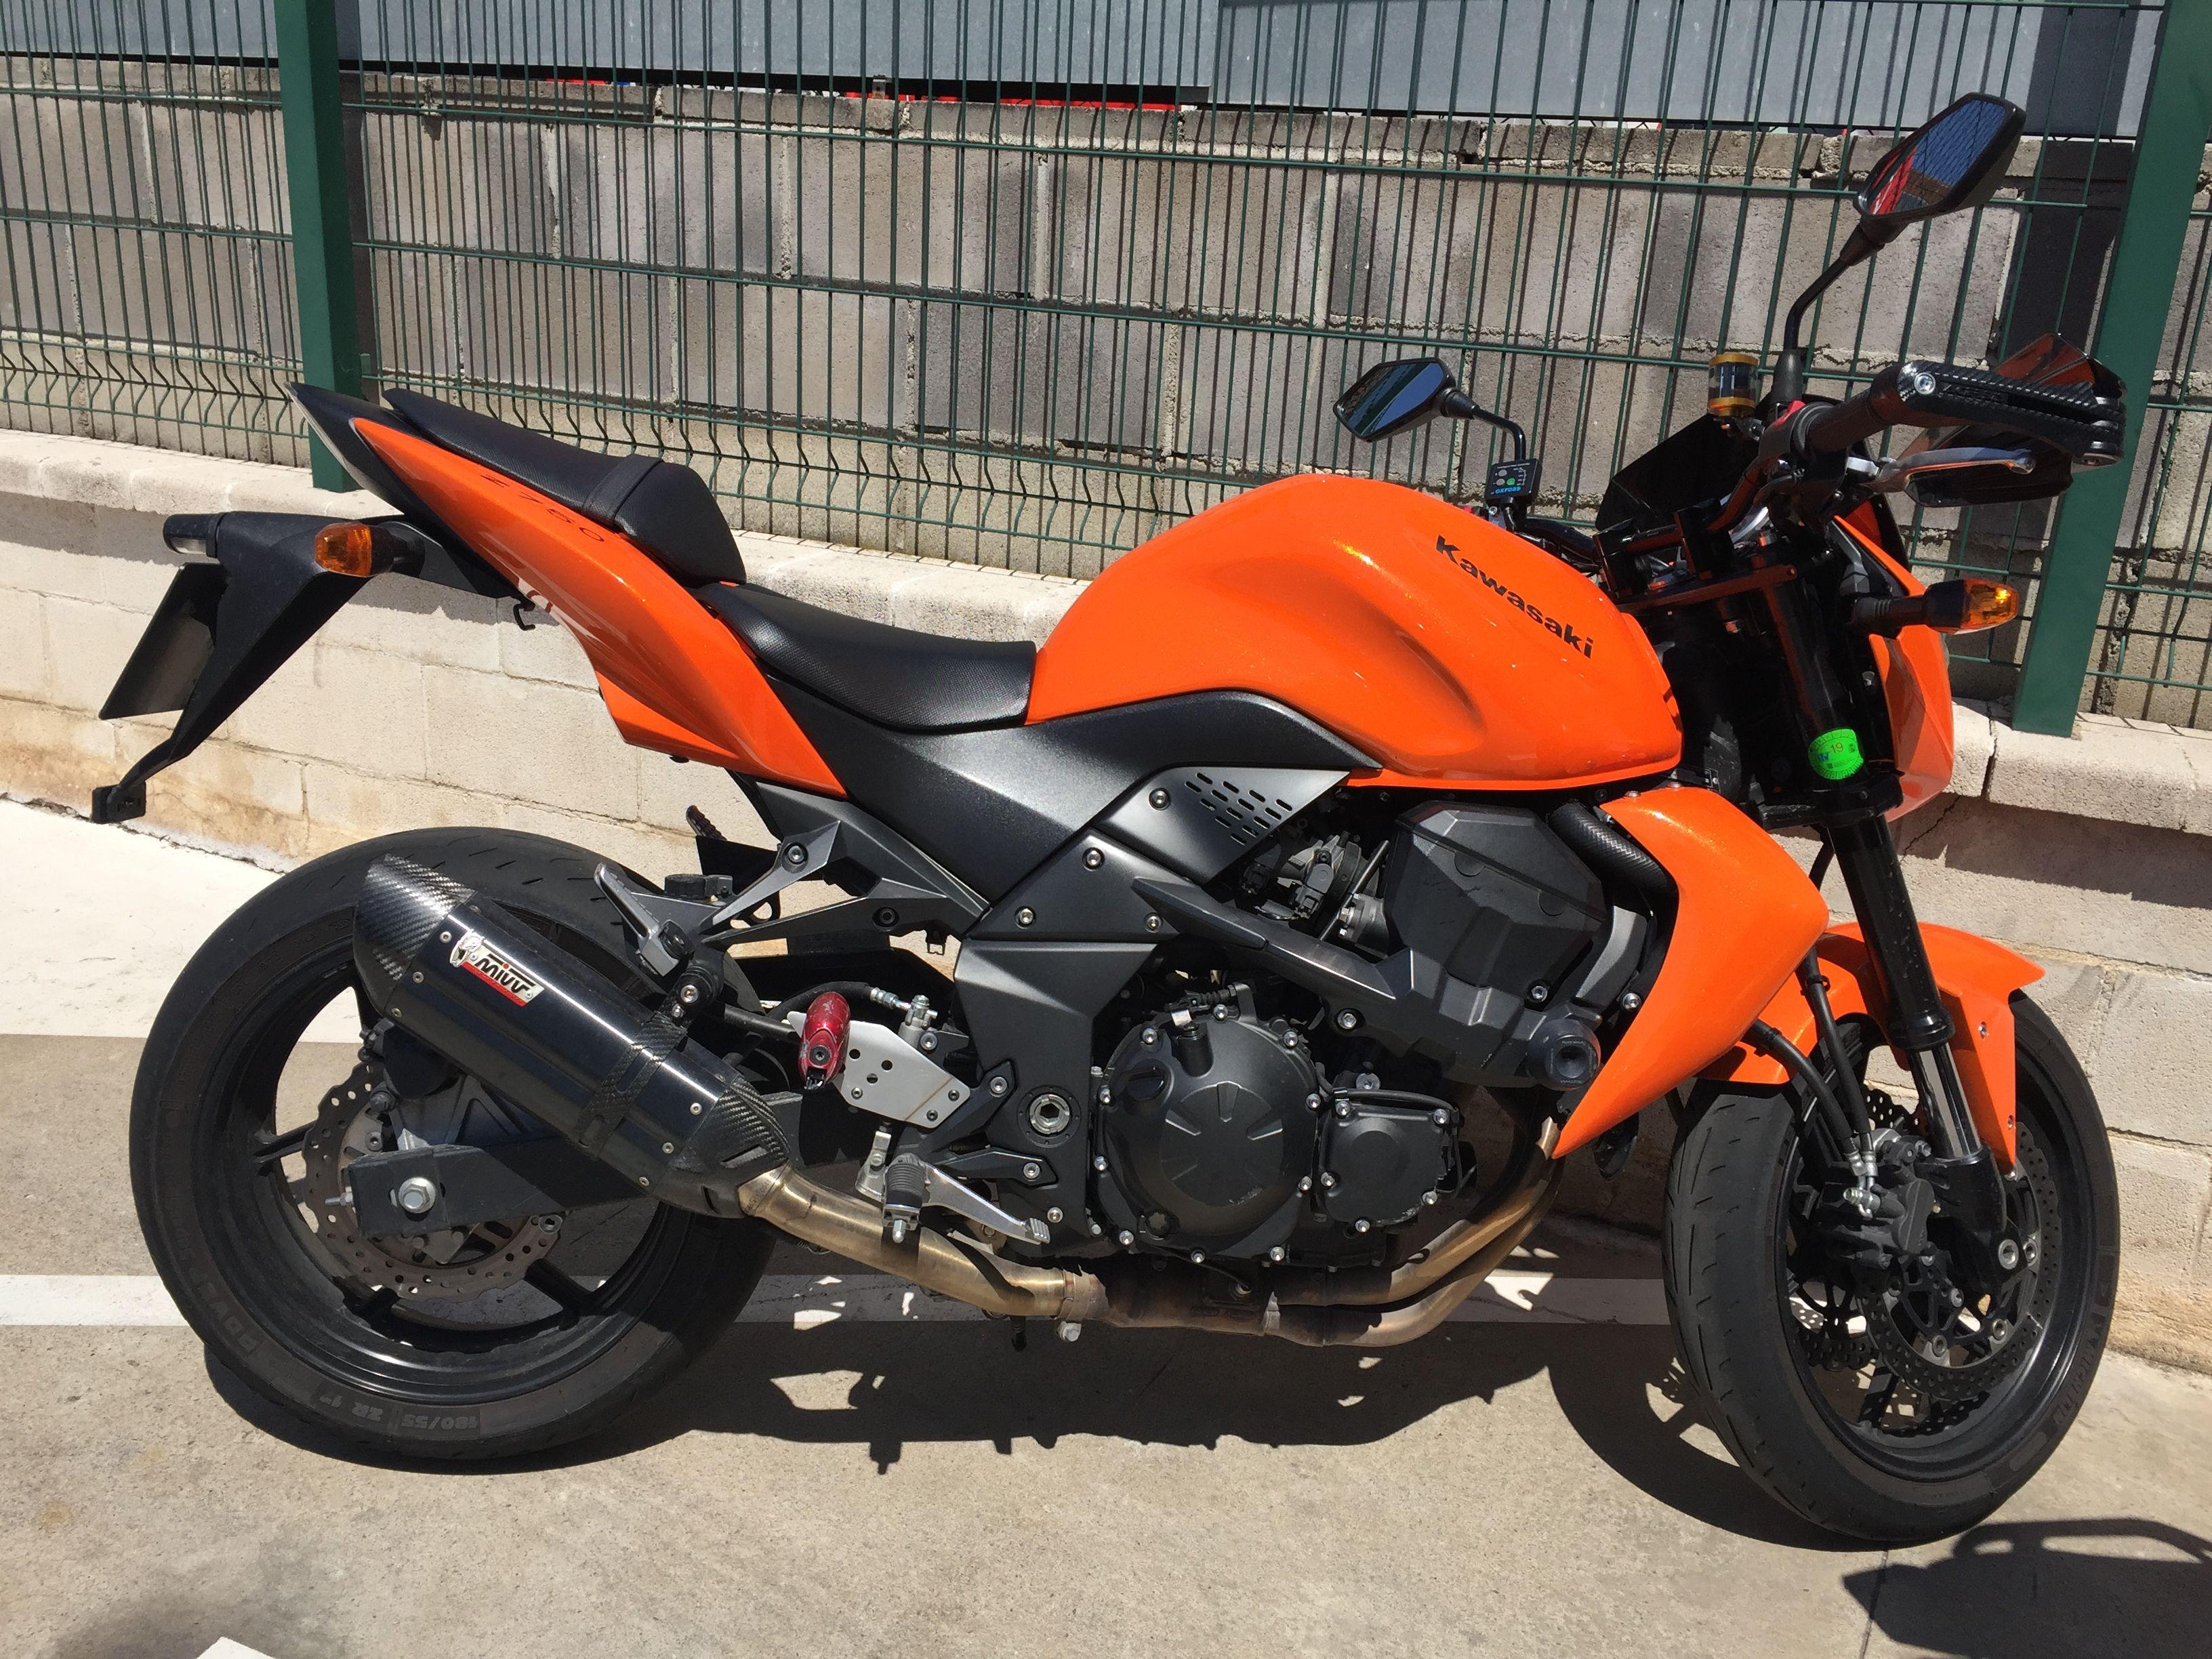 Kawasaki Z750 Mivv Suono Black By Oval Pistons